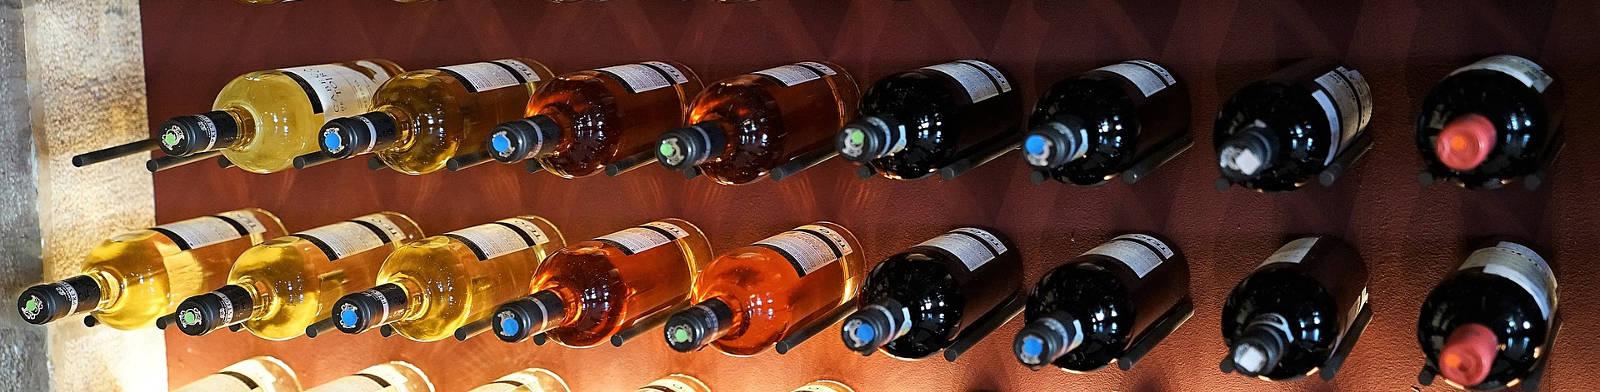 sorsi-di-web-home-social-web-marketing-web-agency-ristorante-hotel-vino-wine-01